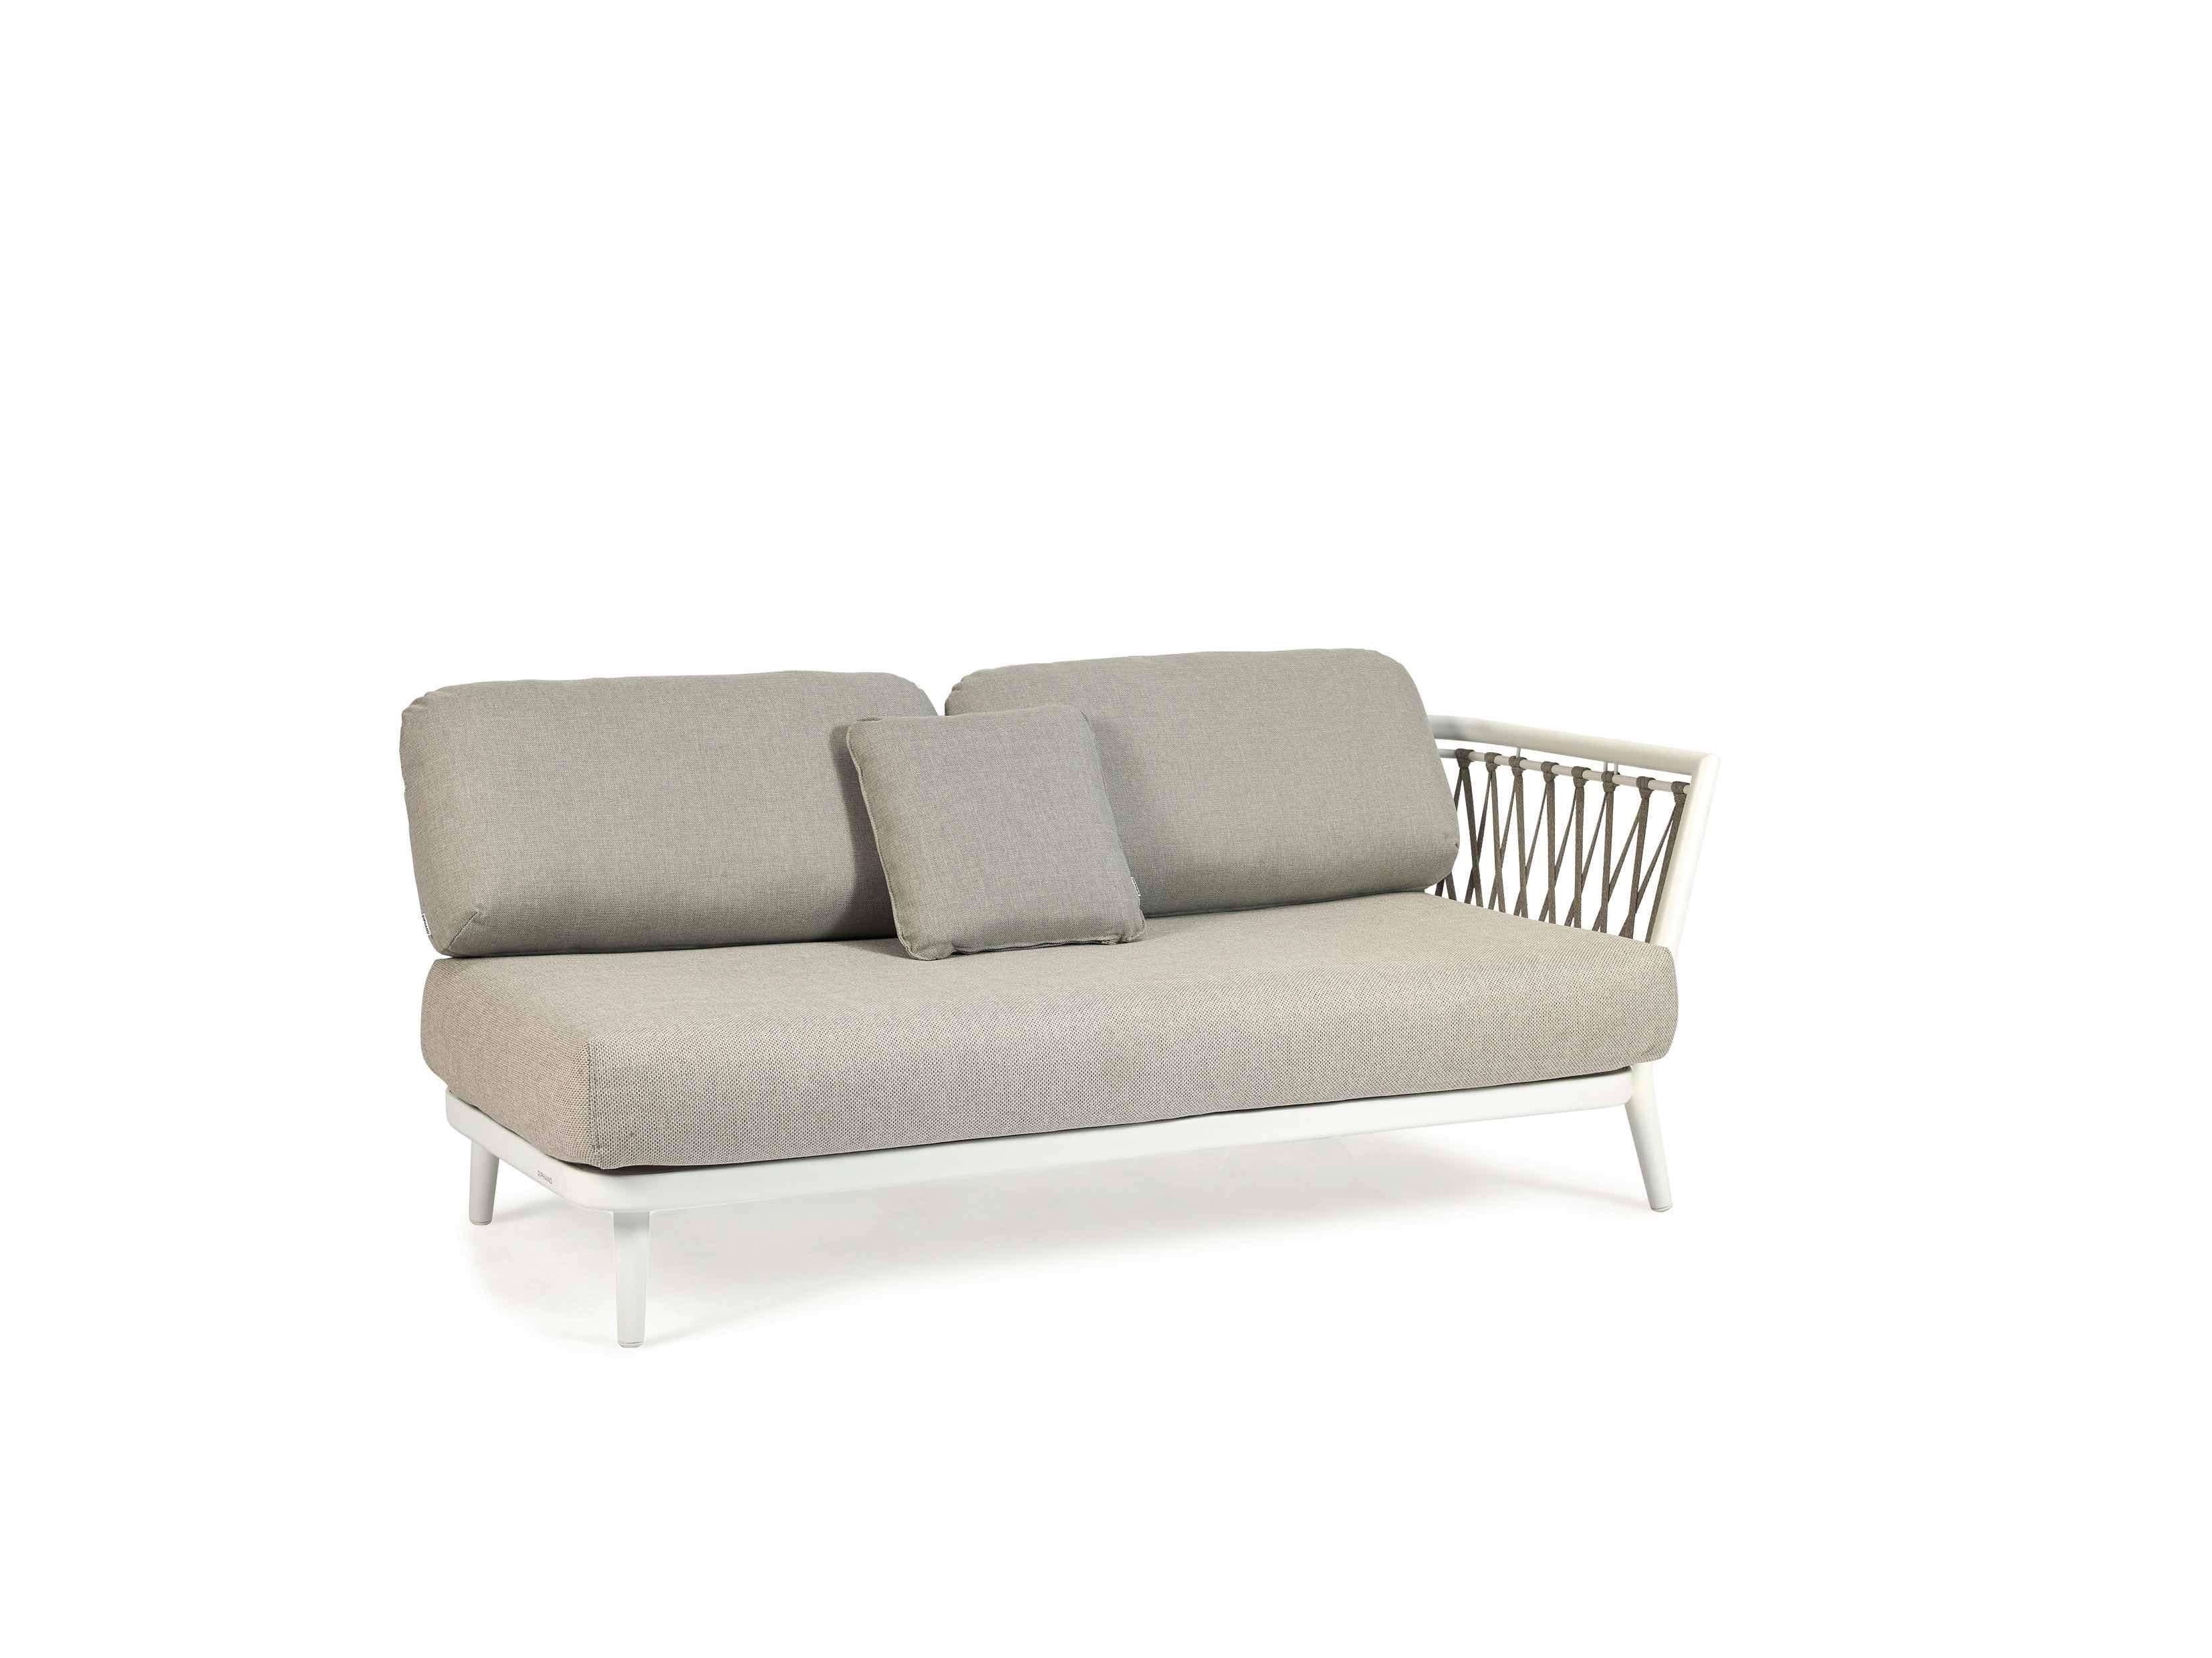 BARCELONA 2-Sitzer mit Armlehne rechts